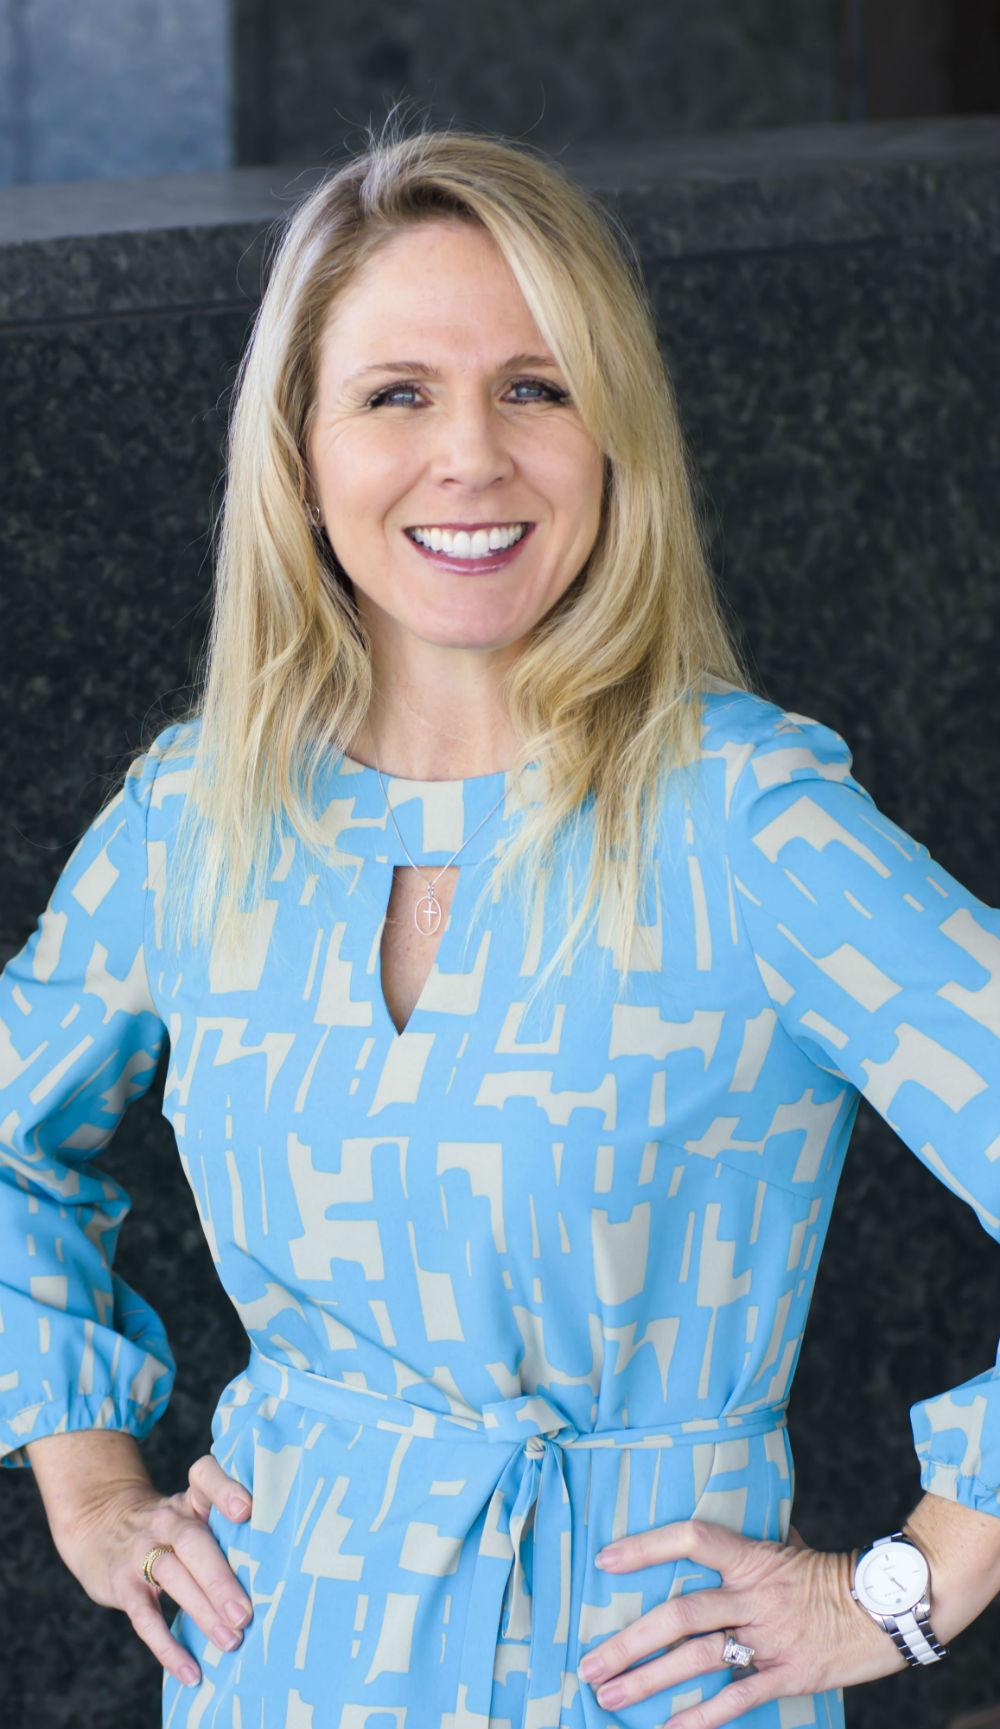 Danielle Feroleto